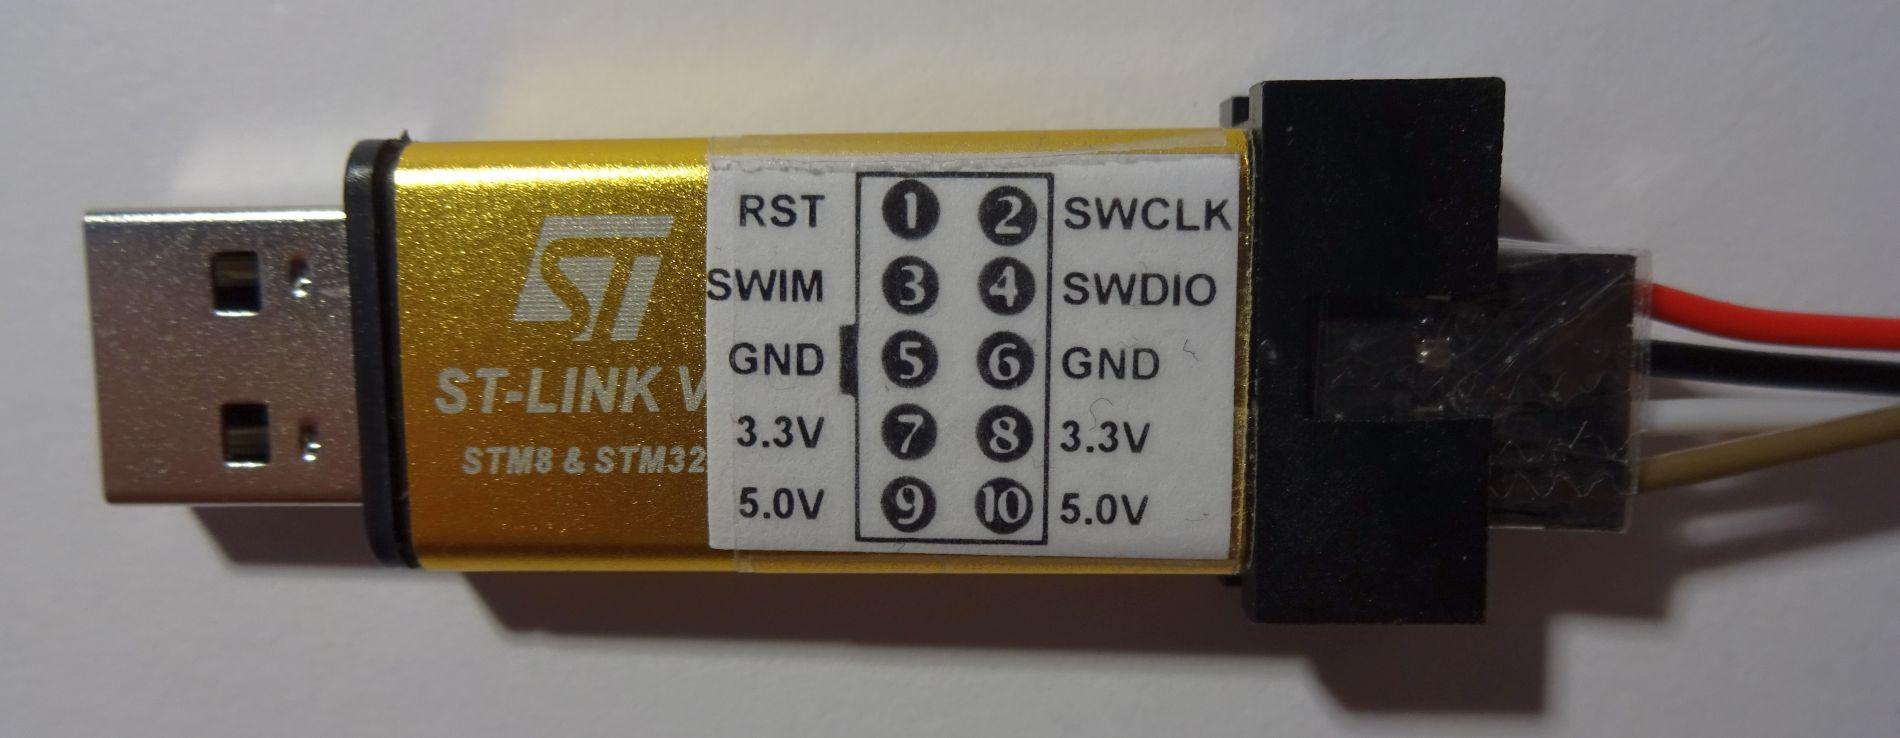 STM32 F103 / ST-Link statt Serial-Adapter zum Flashen des STM32 benutzen